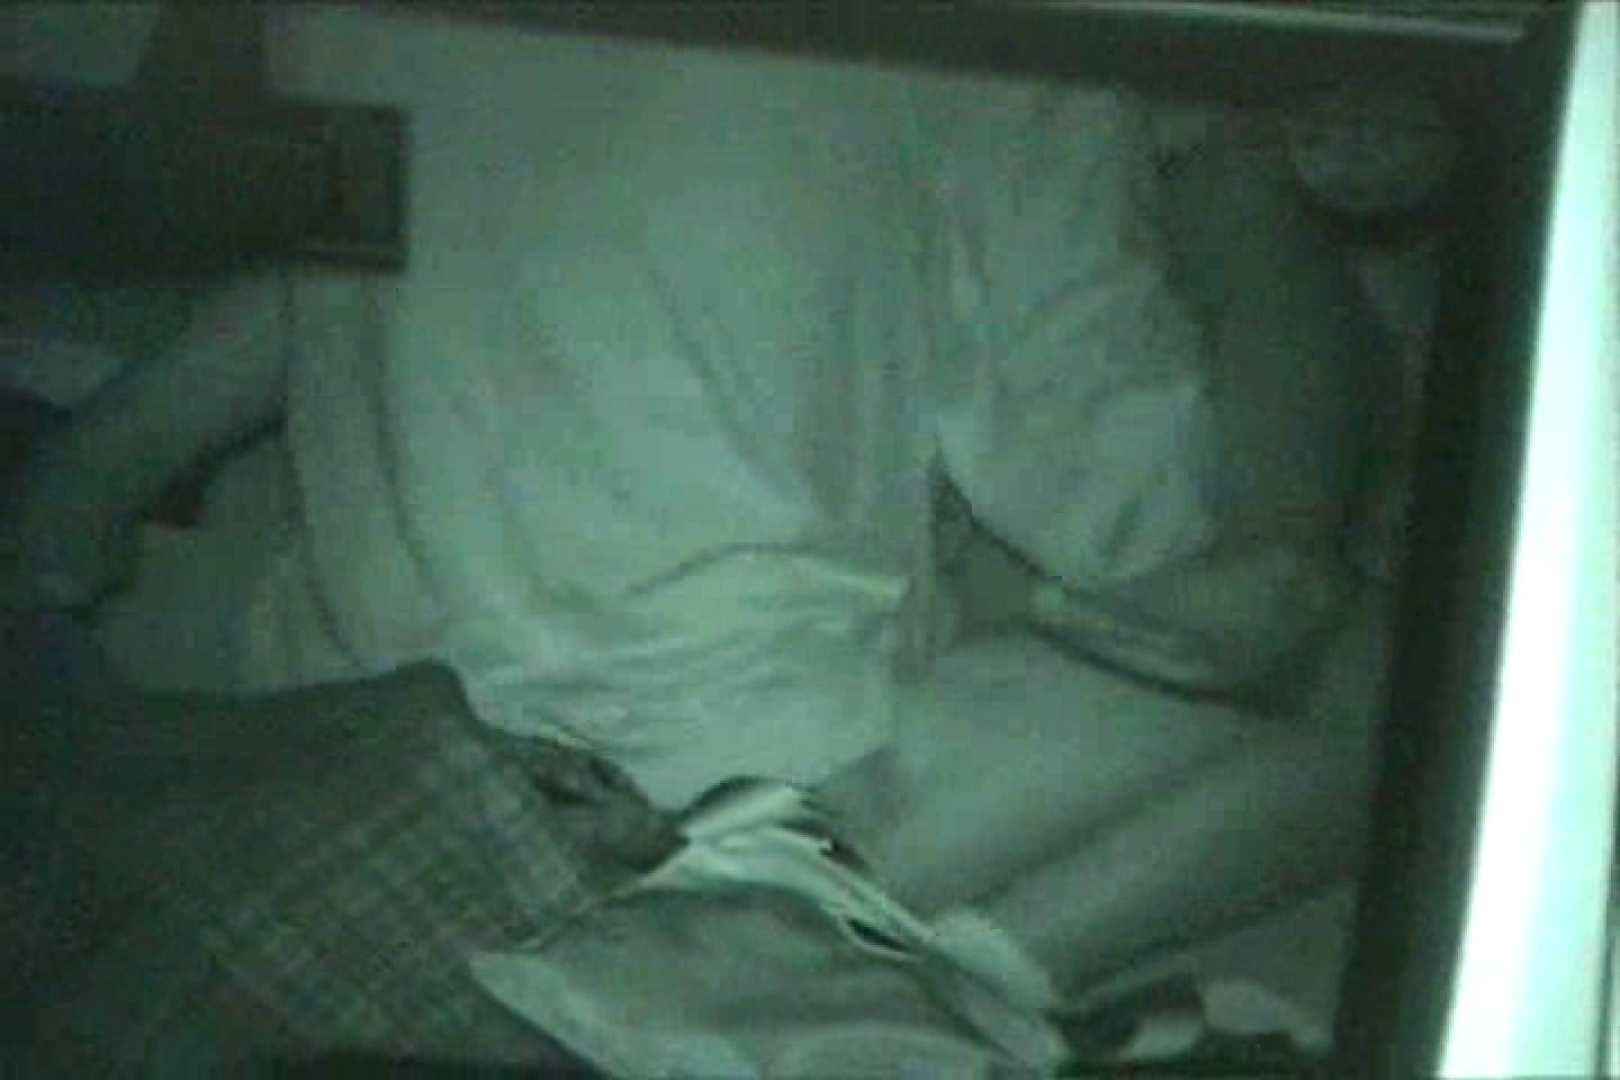 車の中はラブホテル 無修正版  Vol.27 盗撮特集  58画像 24